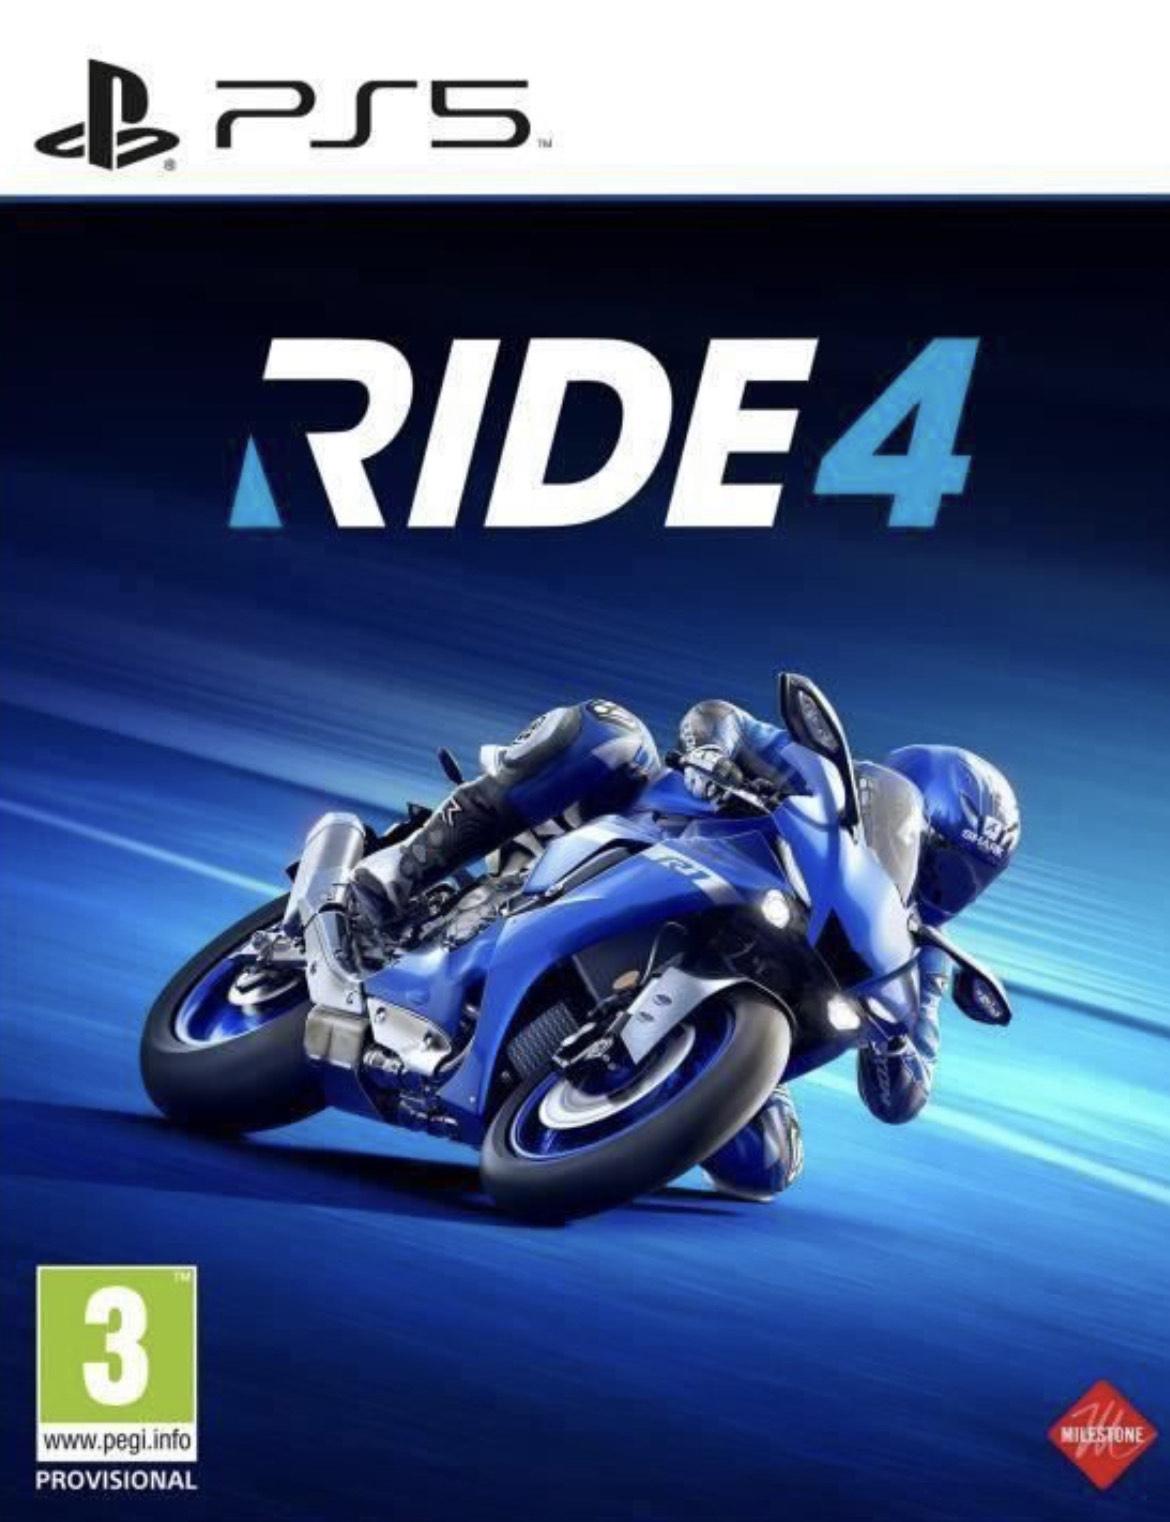 RIDE 4 sur PS5